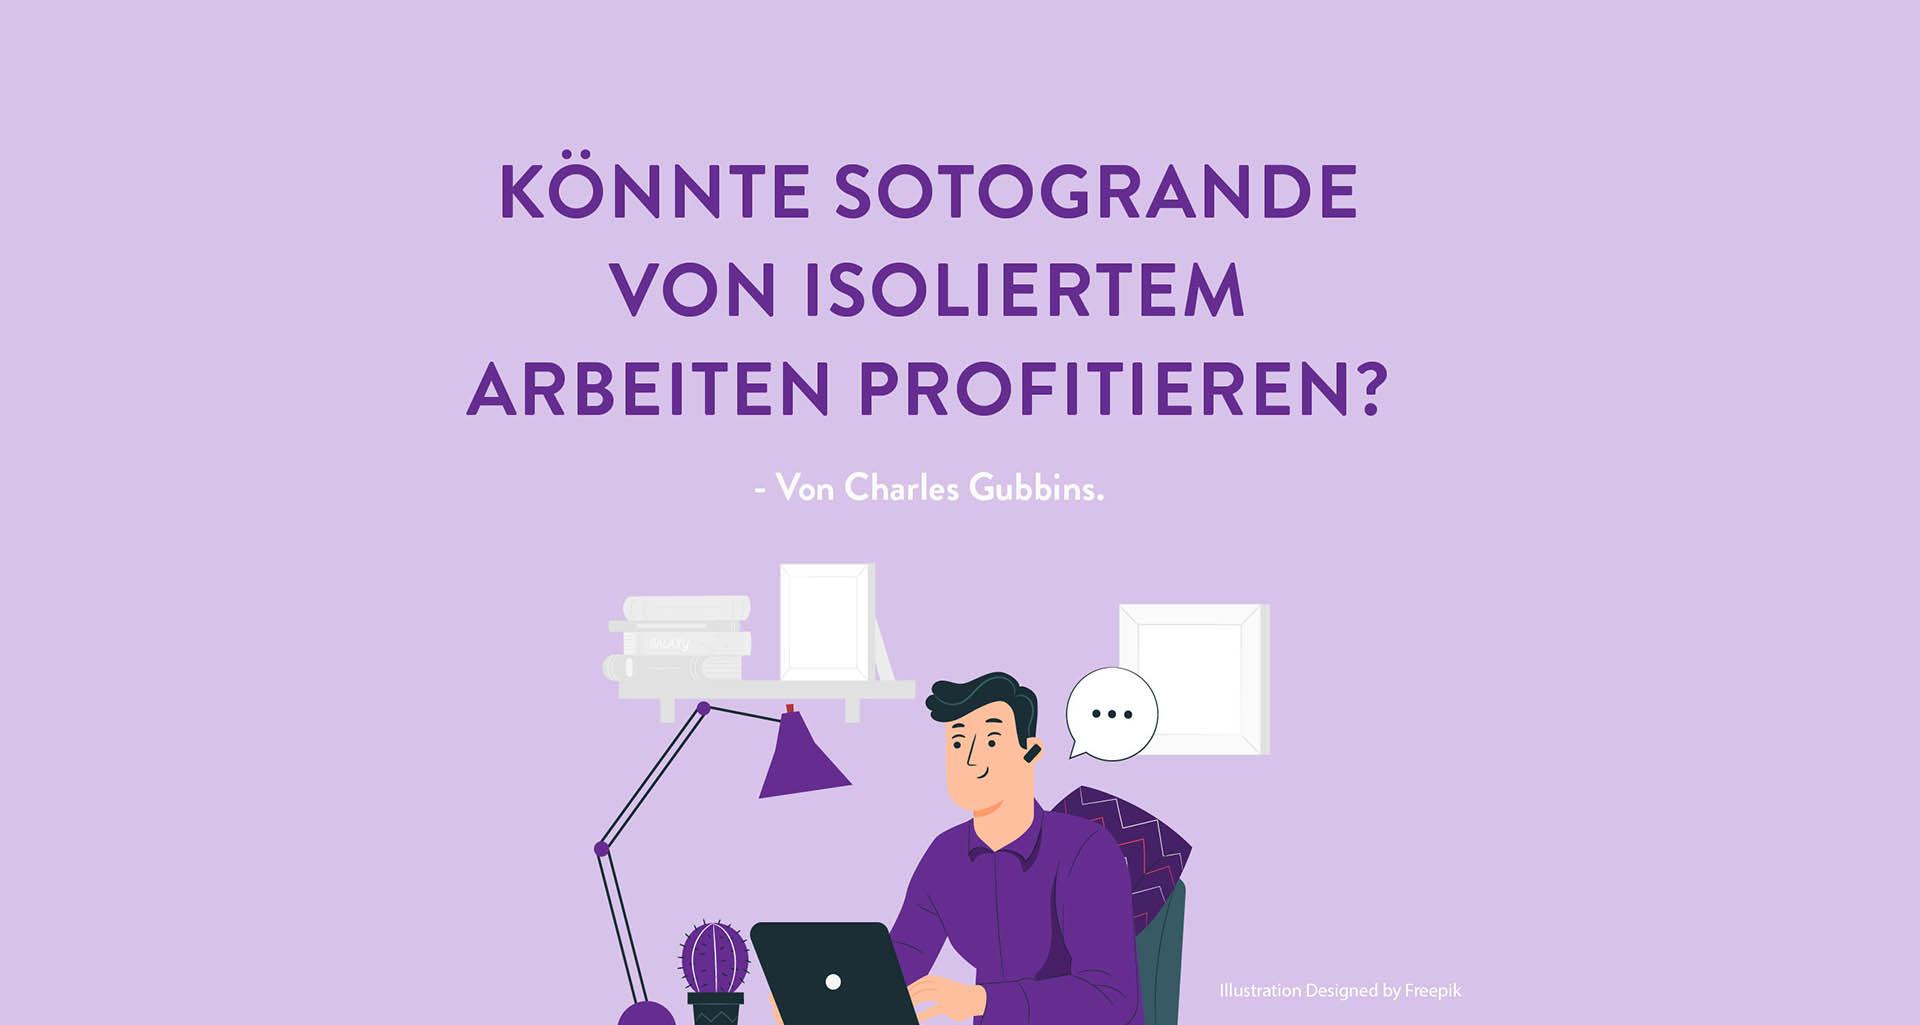 Könnte Sotogrande von isoliertem arbeiten profitieren? - Von Charles Gubbins - Illustration Entworfen von Freepik